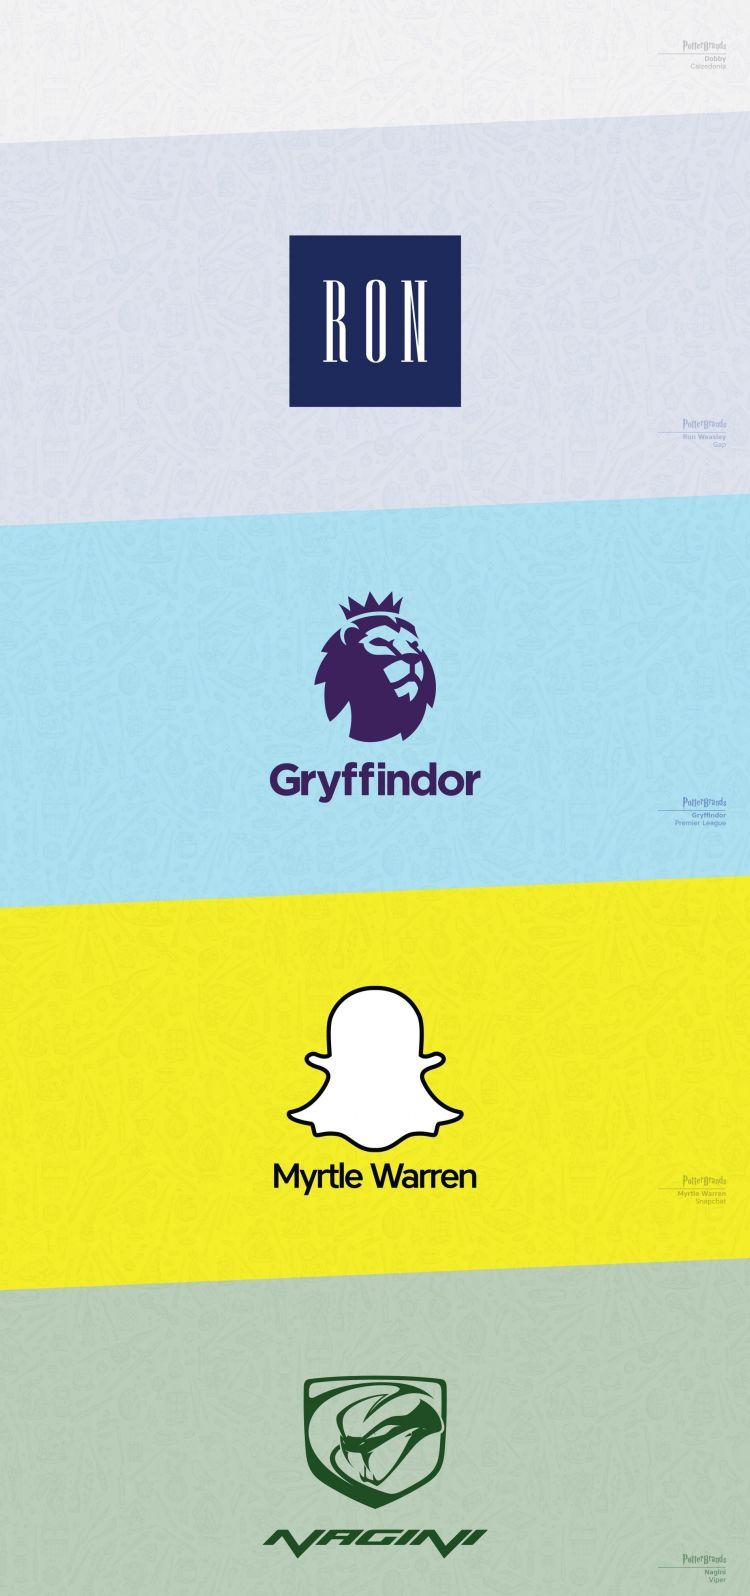 el universo de Harry Potter en logos de las marcas